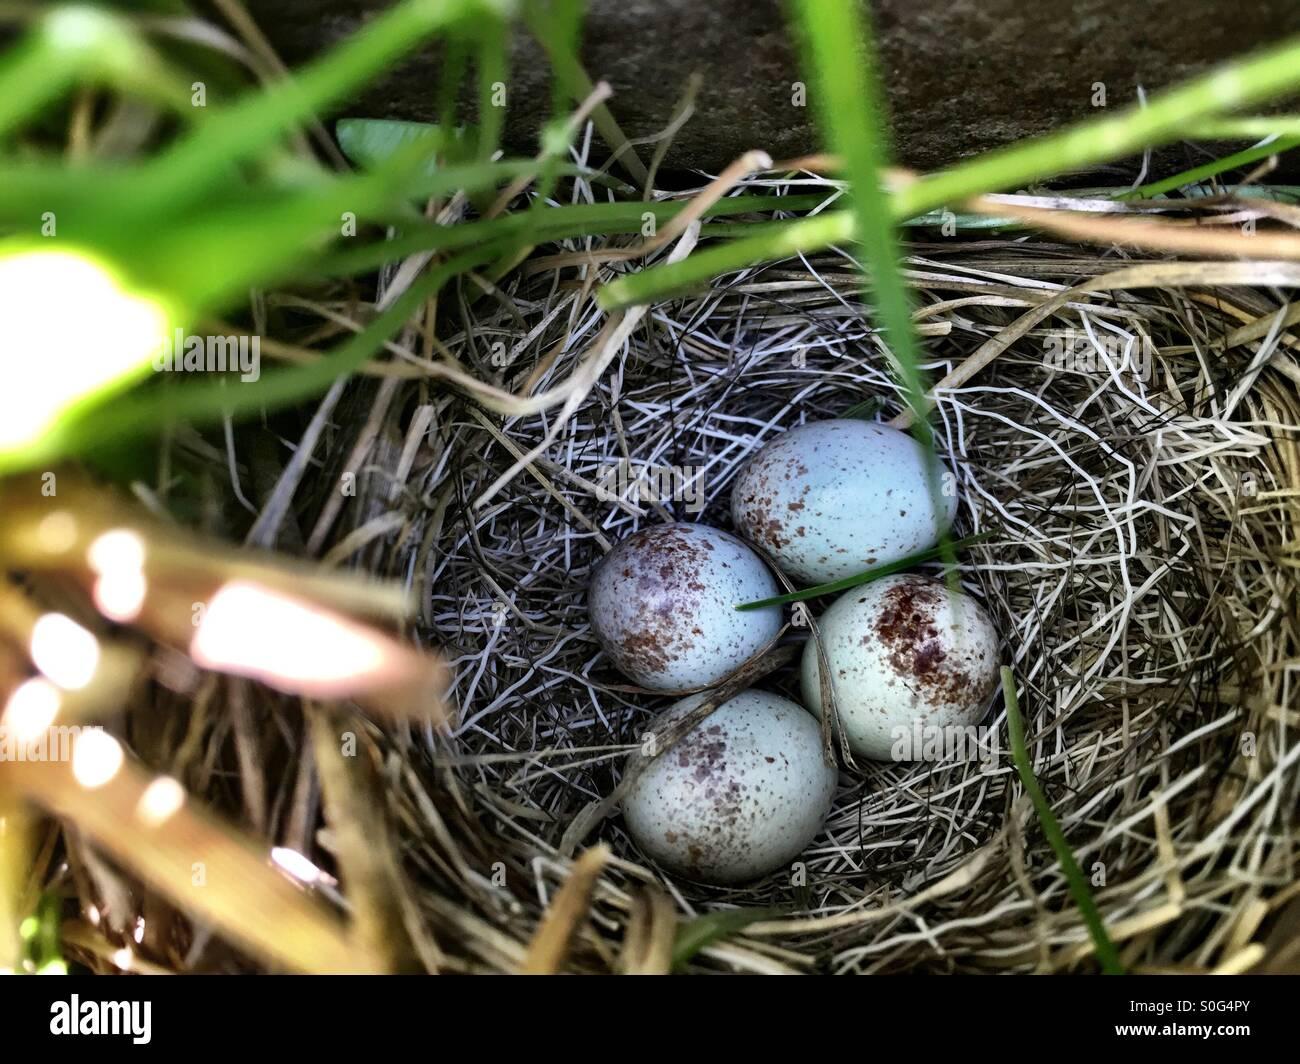 Kleine am besten gefüllt mit vier sprenkelte Vogeleier. Stockbild